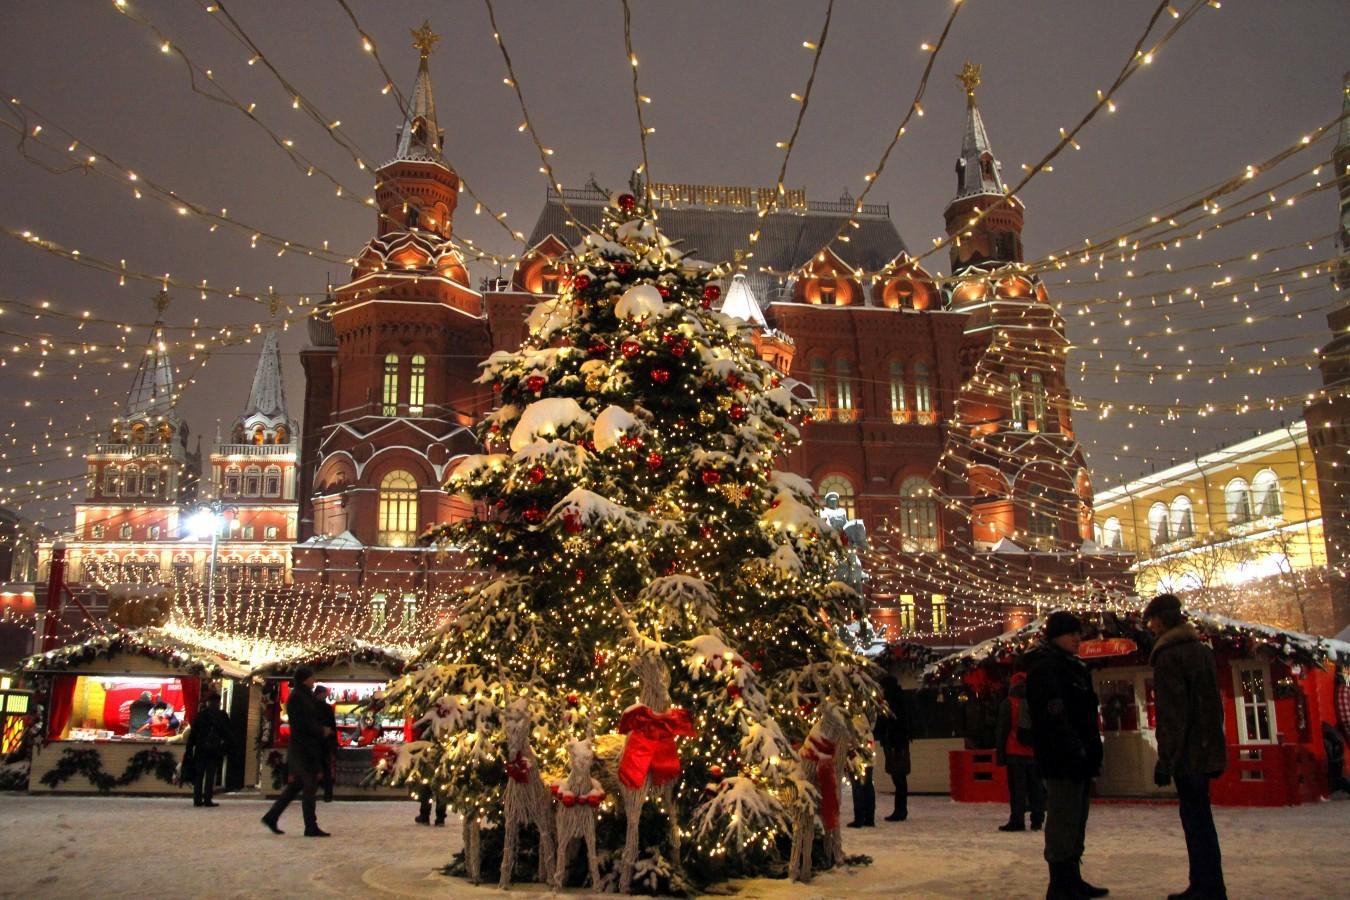 Мэр Москвы Сергей Собянин рассказал о проведении крупнейшего в Европе фестиваля «Путешествие в Рождество»